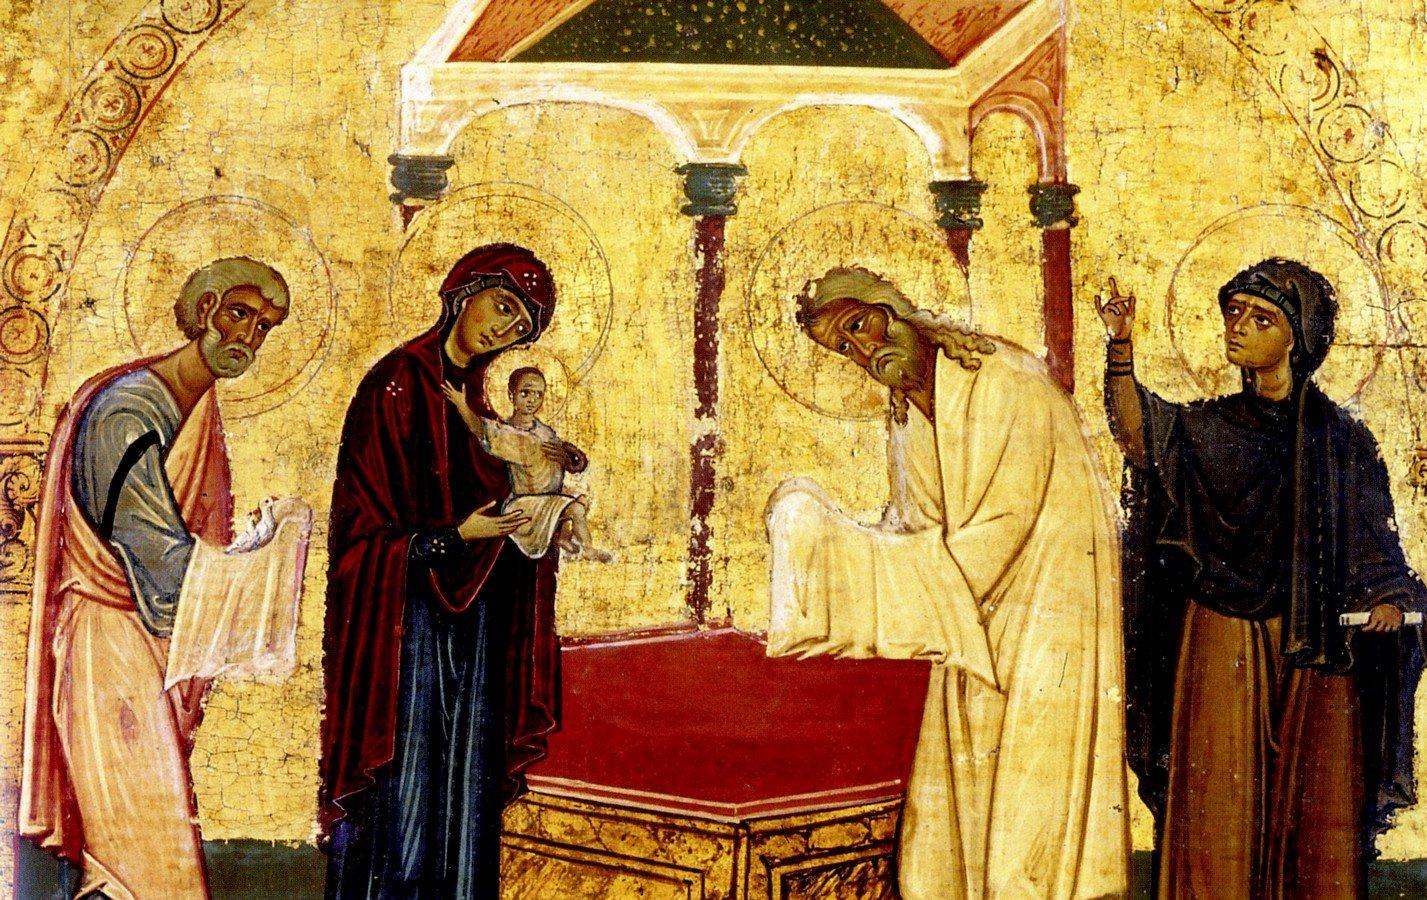 Сретение Господне. Фрагмент византийской иконы XI - XII веков. Монастырь Святой Екатерины на Синае.